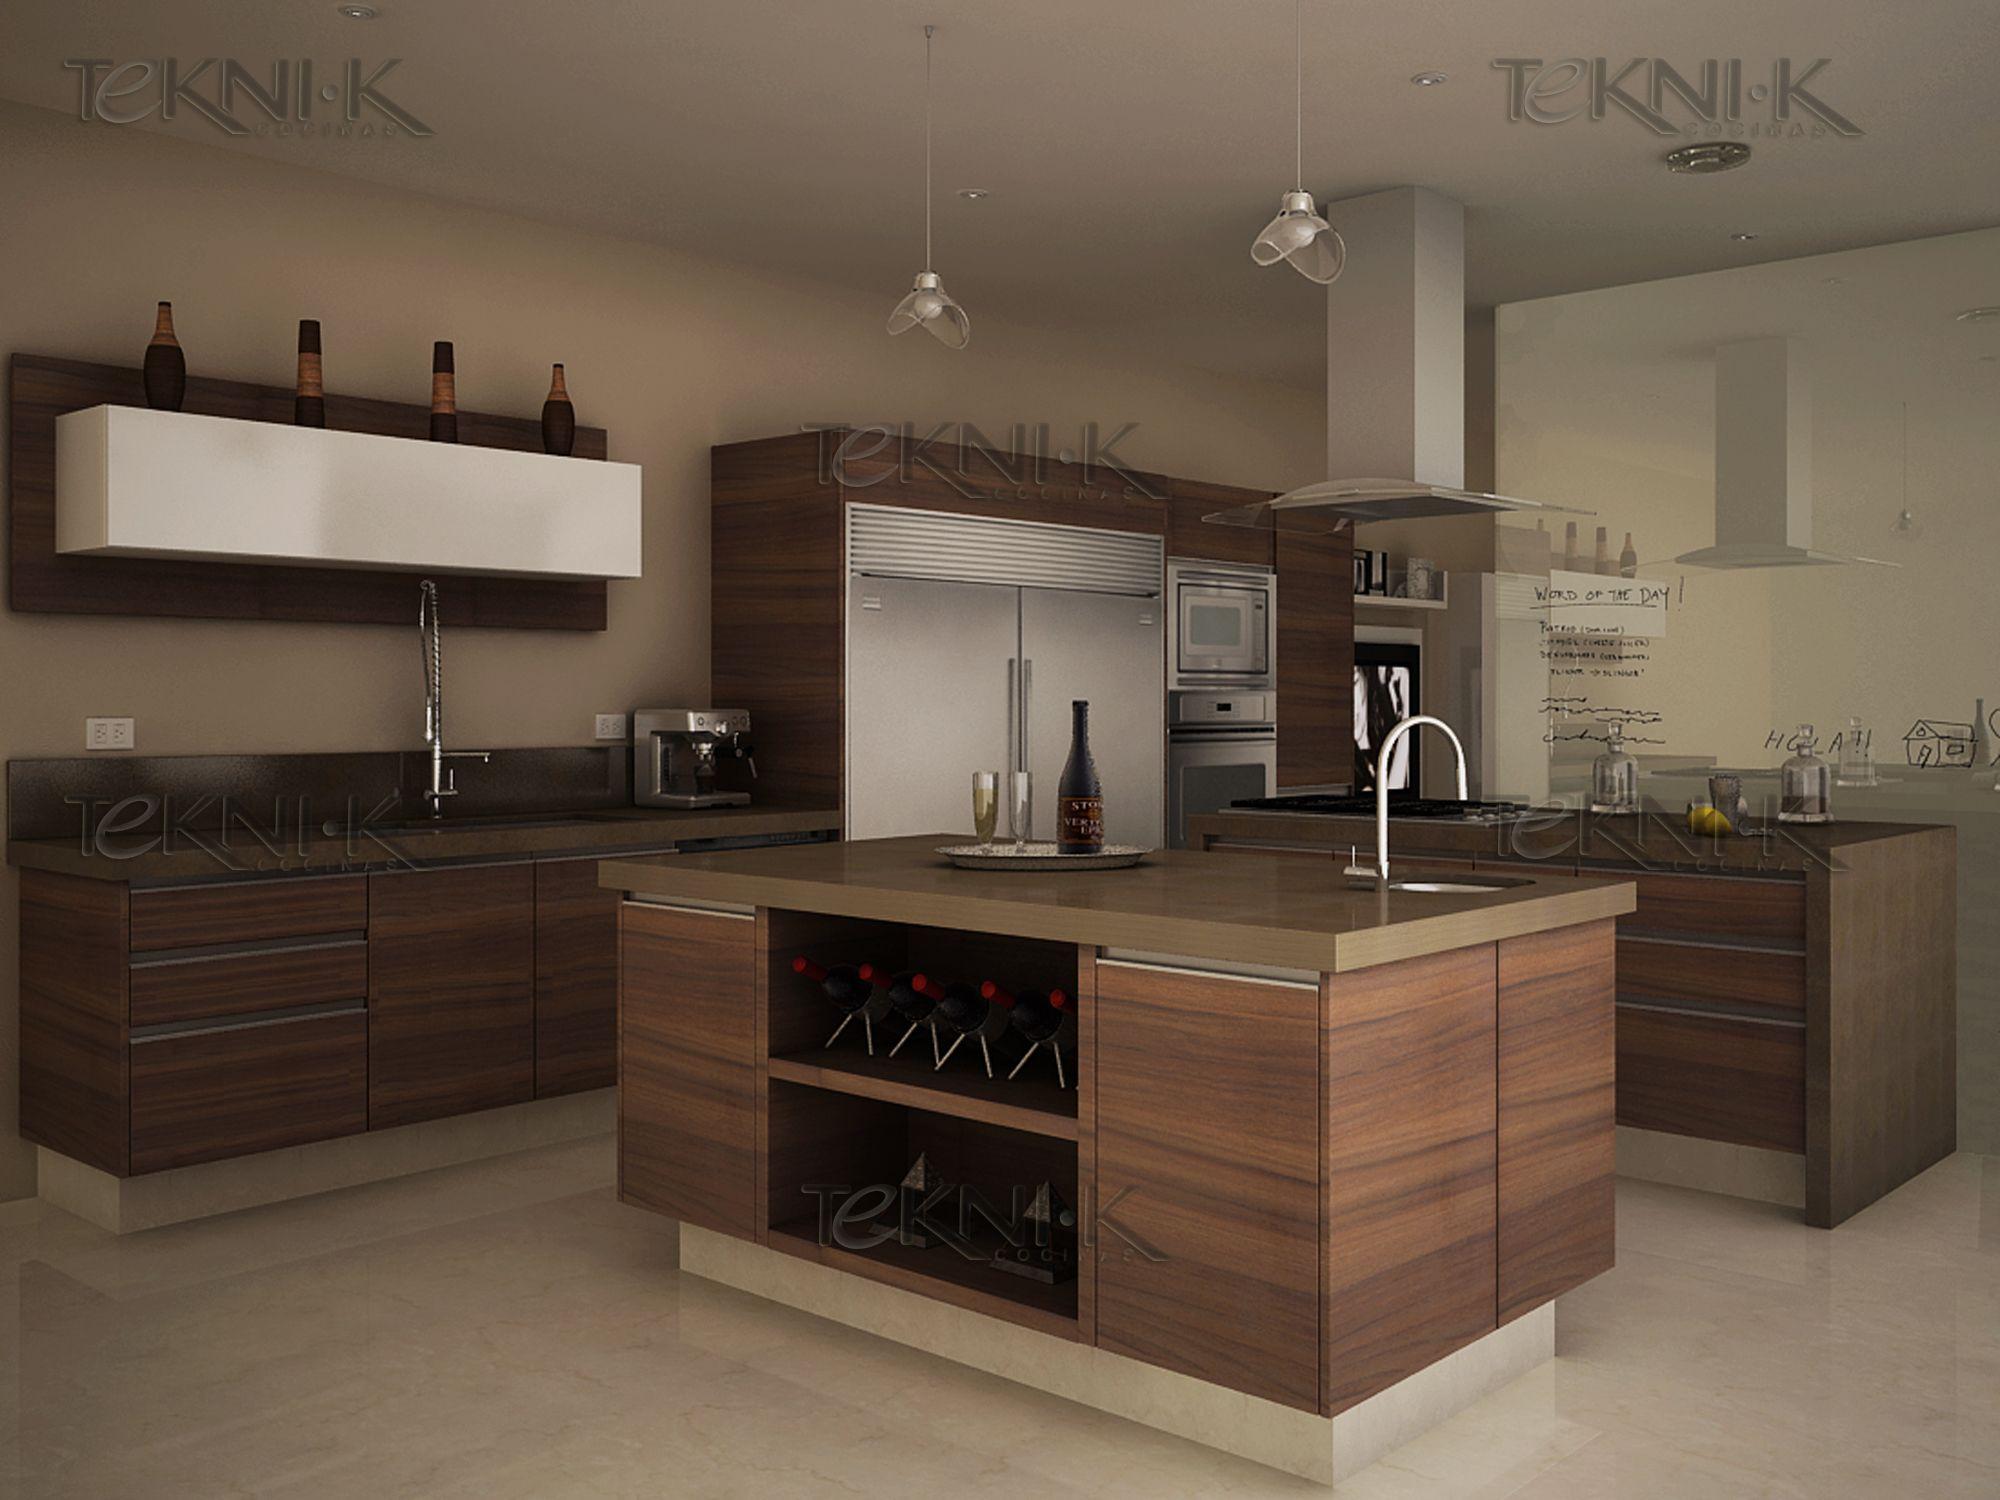 Cocina en maderas de vetas horizontales con cubierta de color solido ...